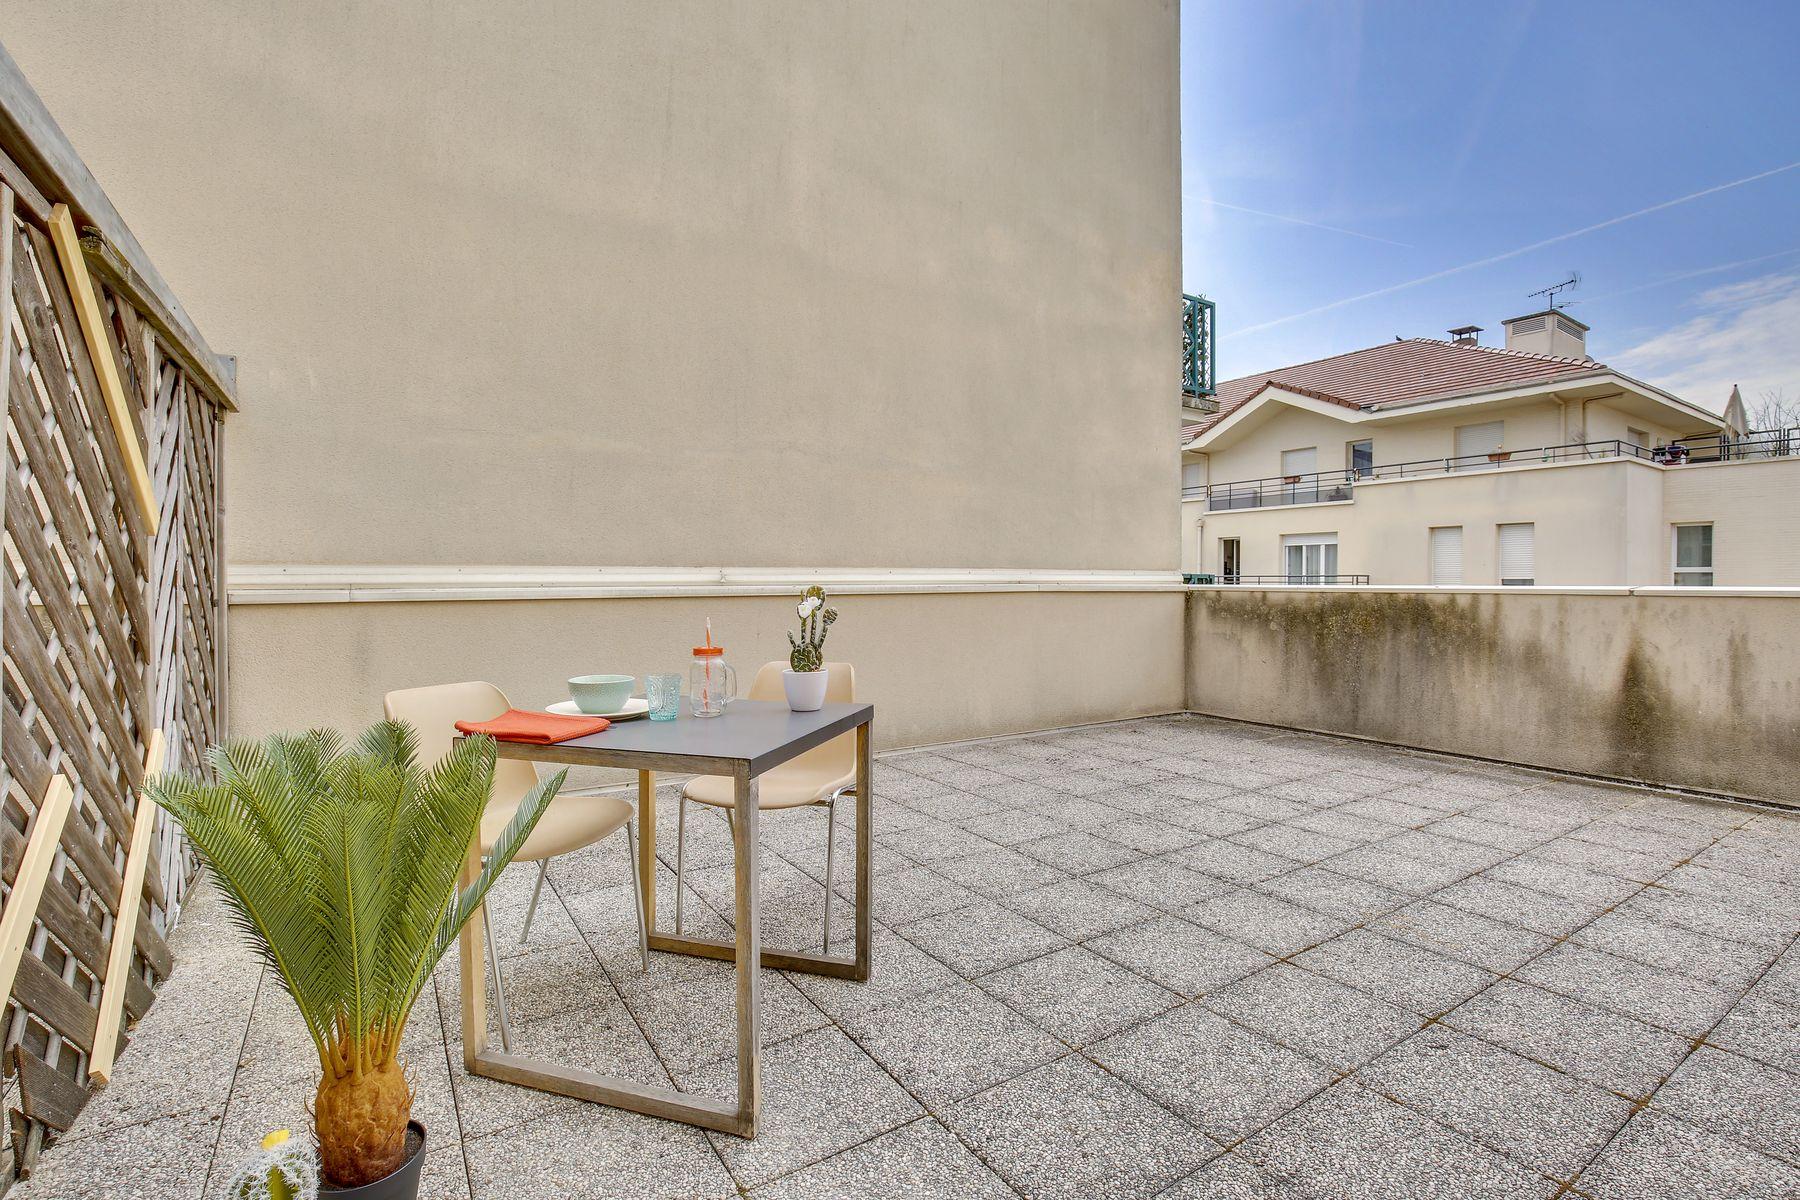 LOGIFAC résidence étudiante Ecrivains Carrières sur seine terrasse aménagée